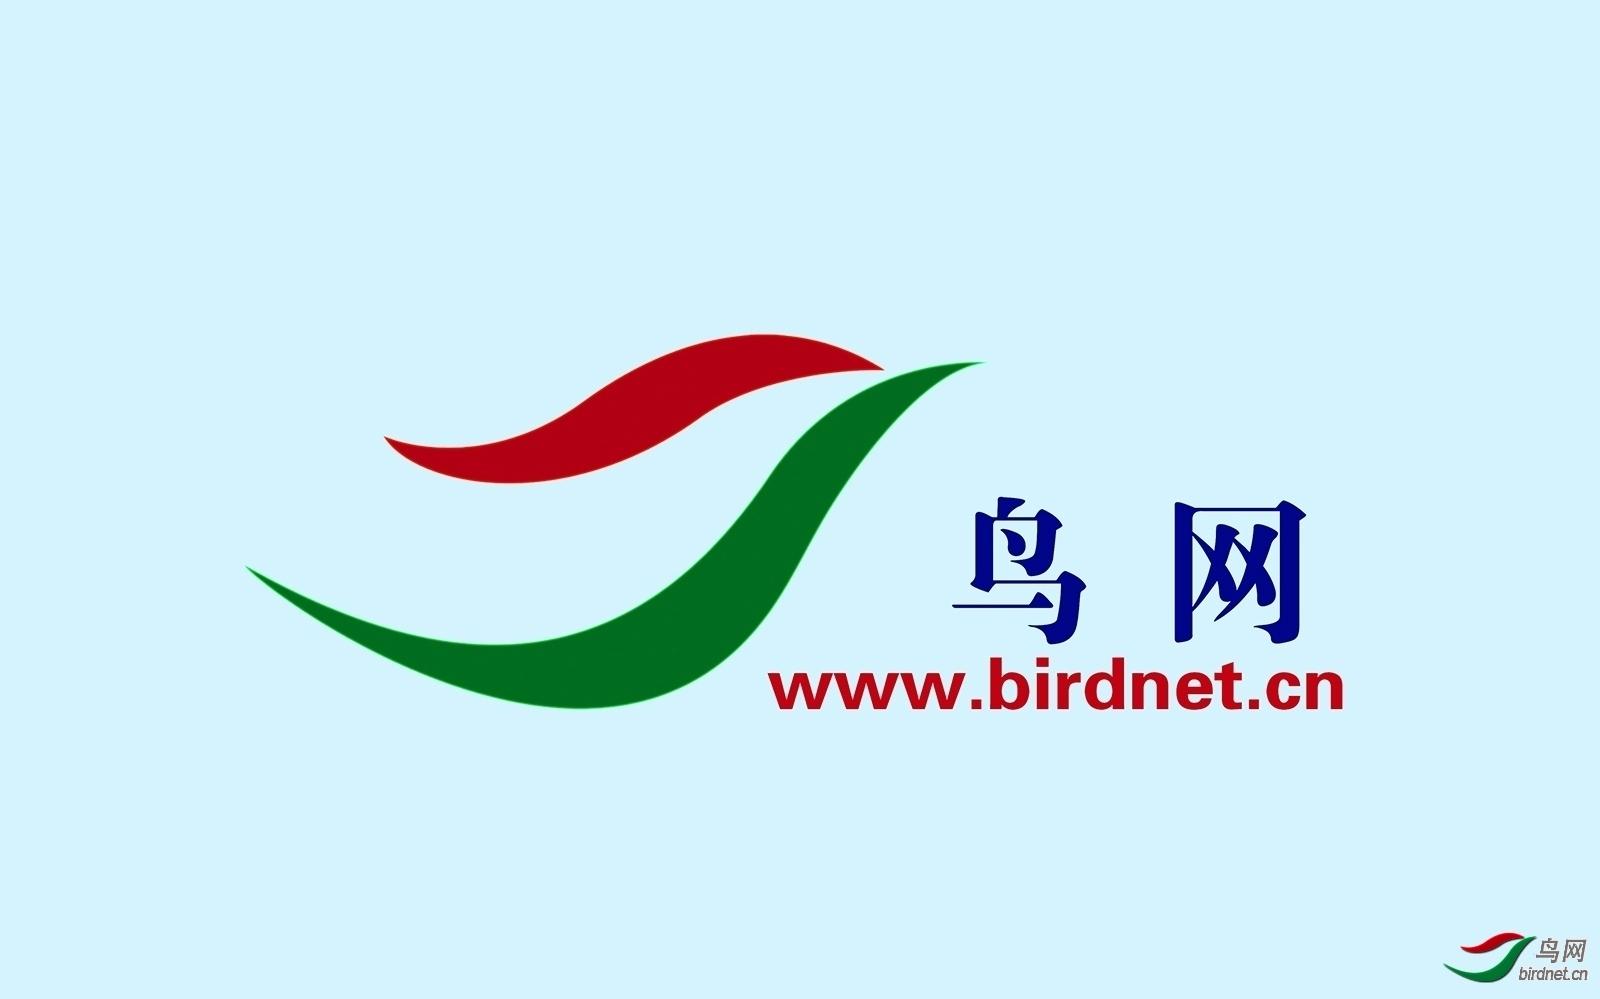 鸟网.jpg